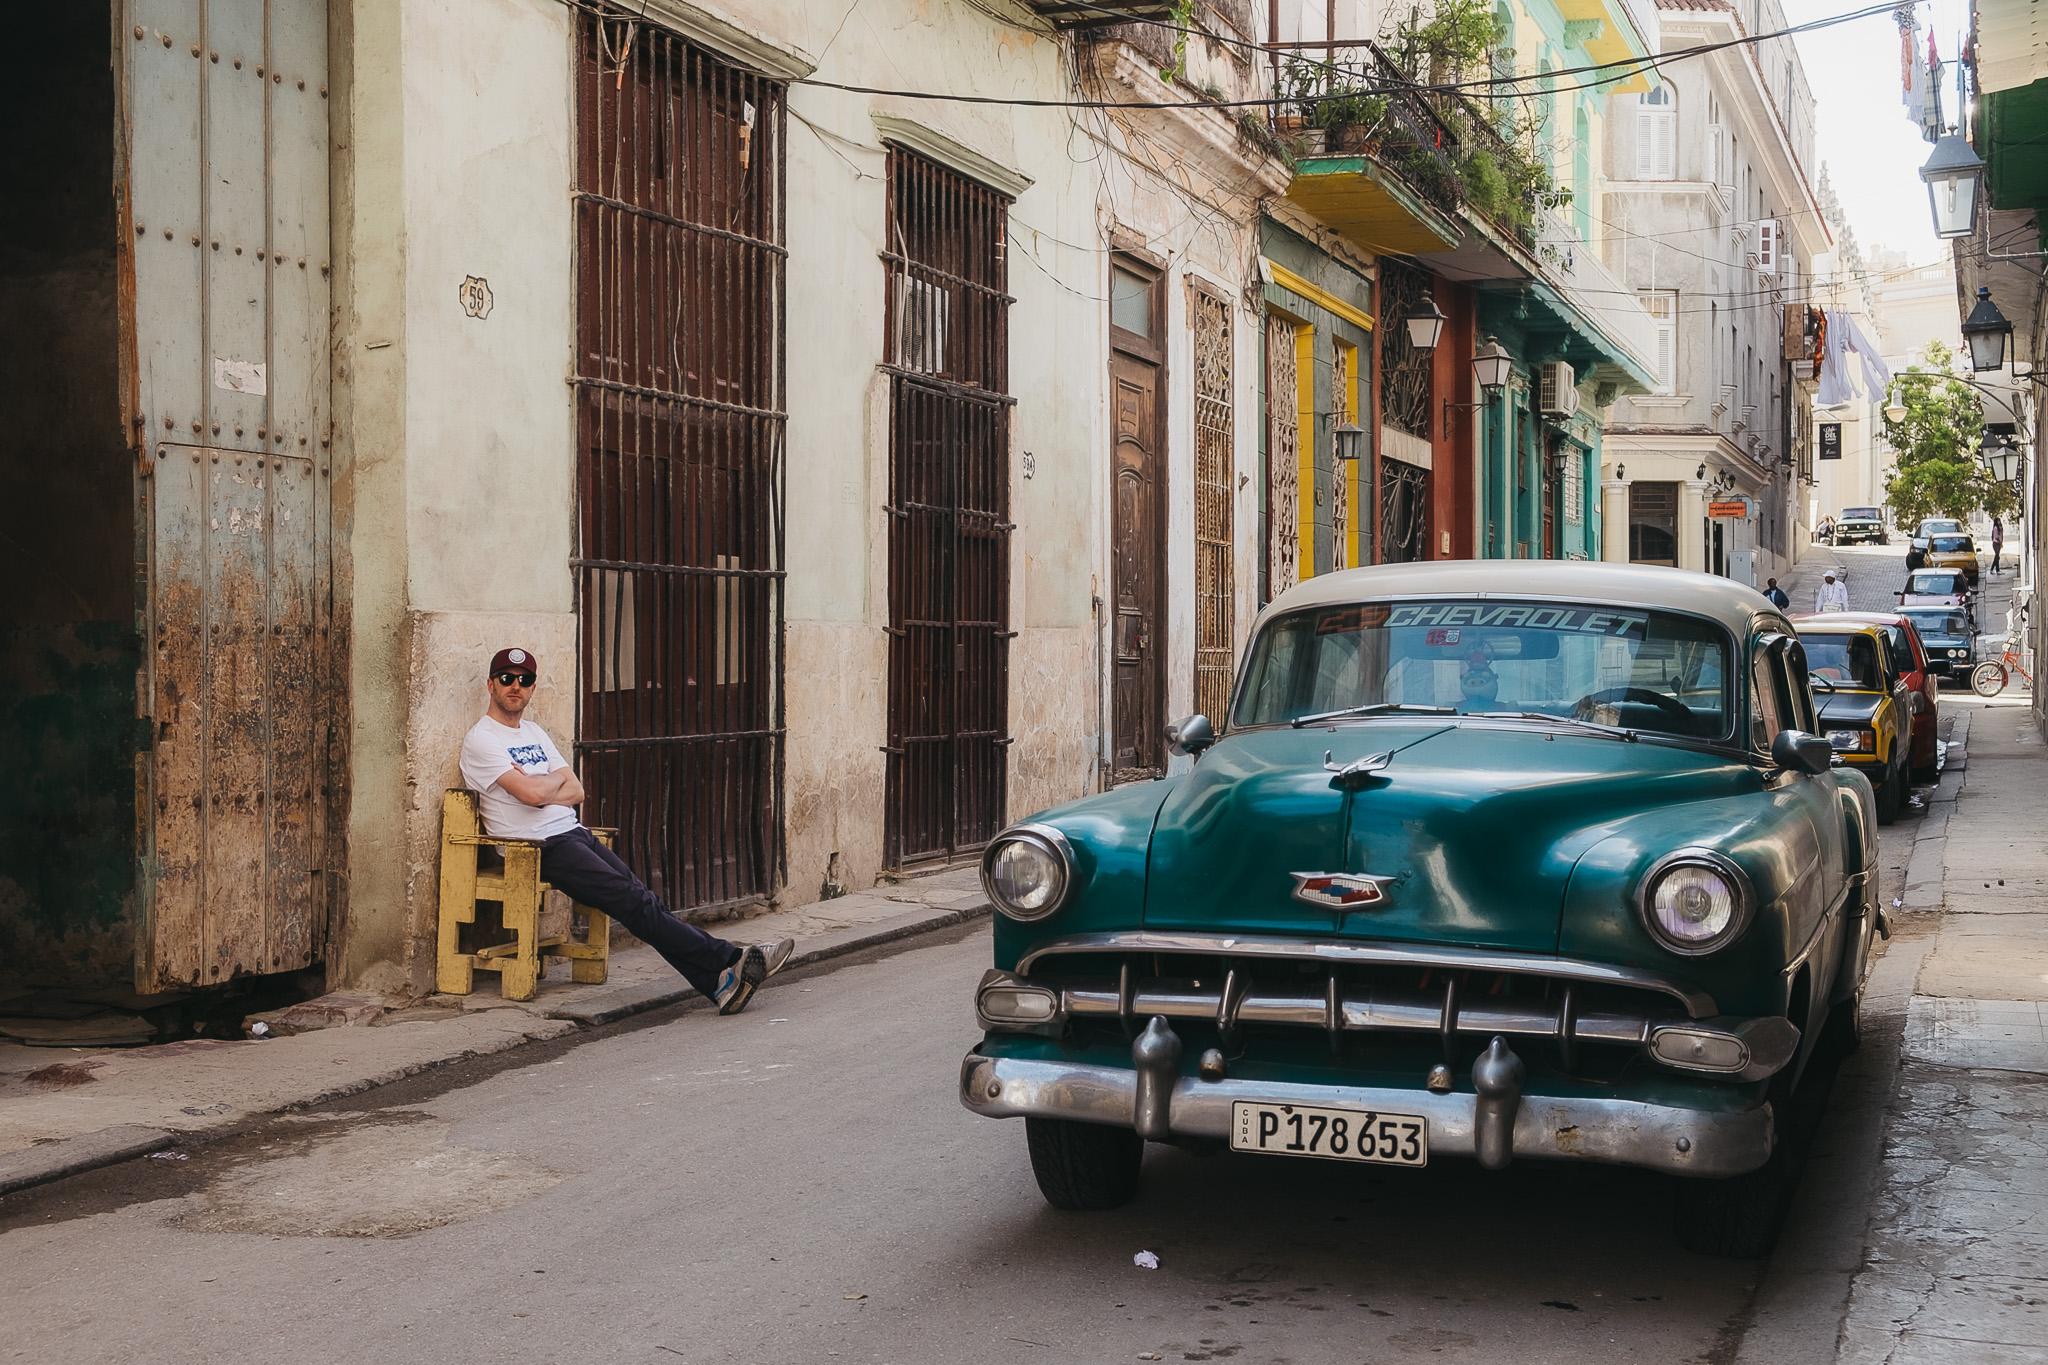 Cuba-2017-12-Havana-0722.jpg